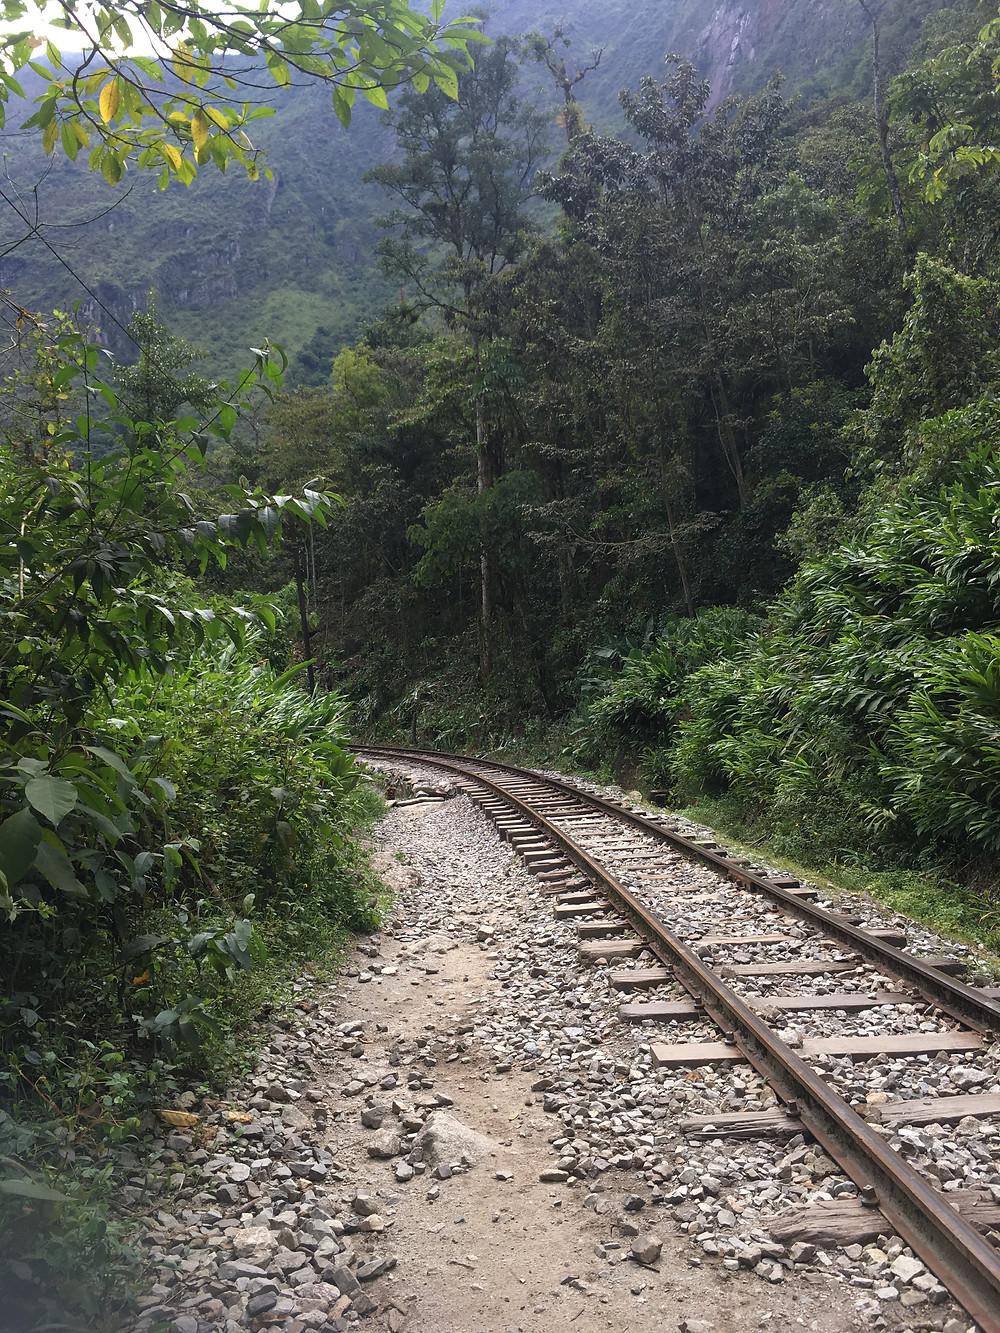 Train track in Peruvian jungle